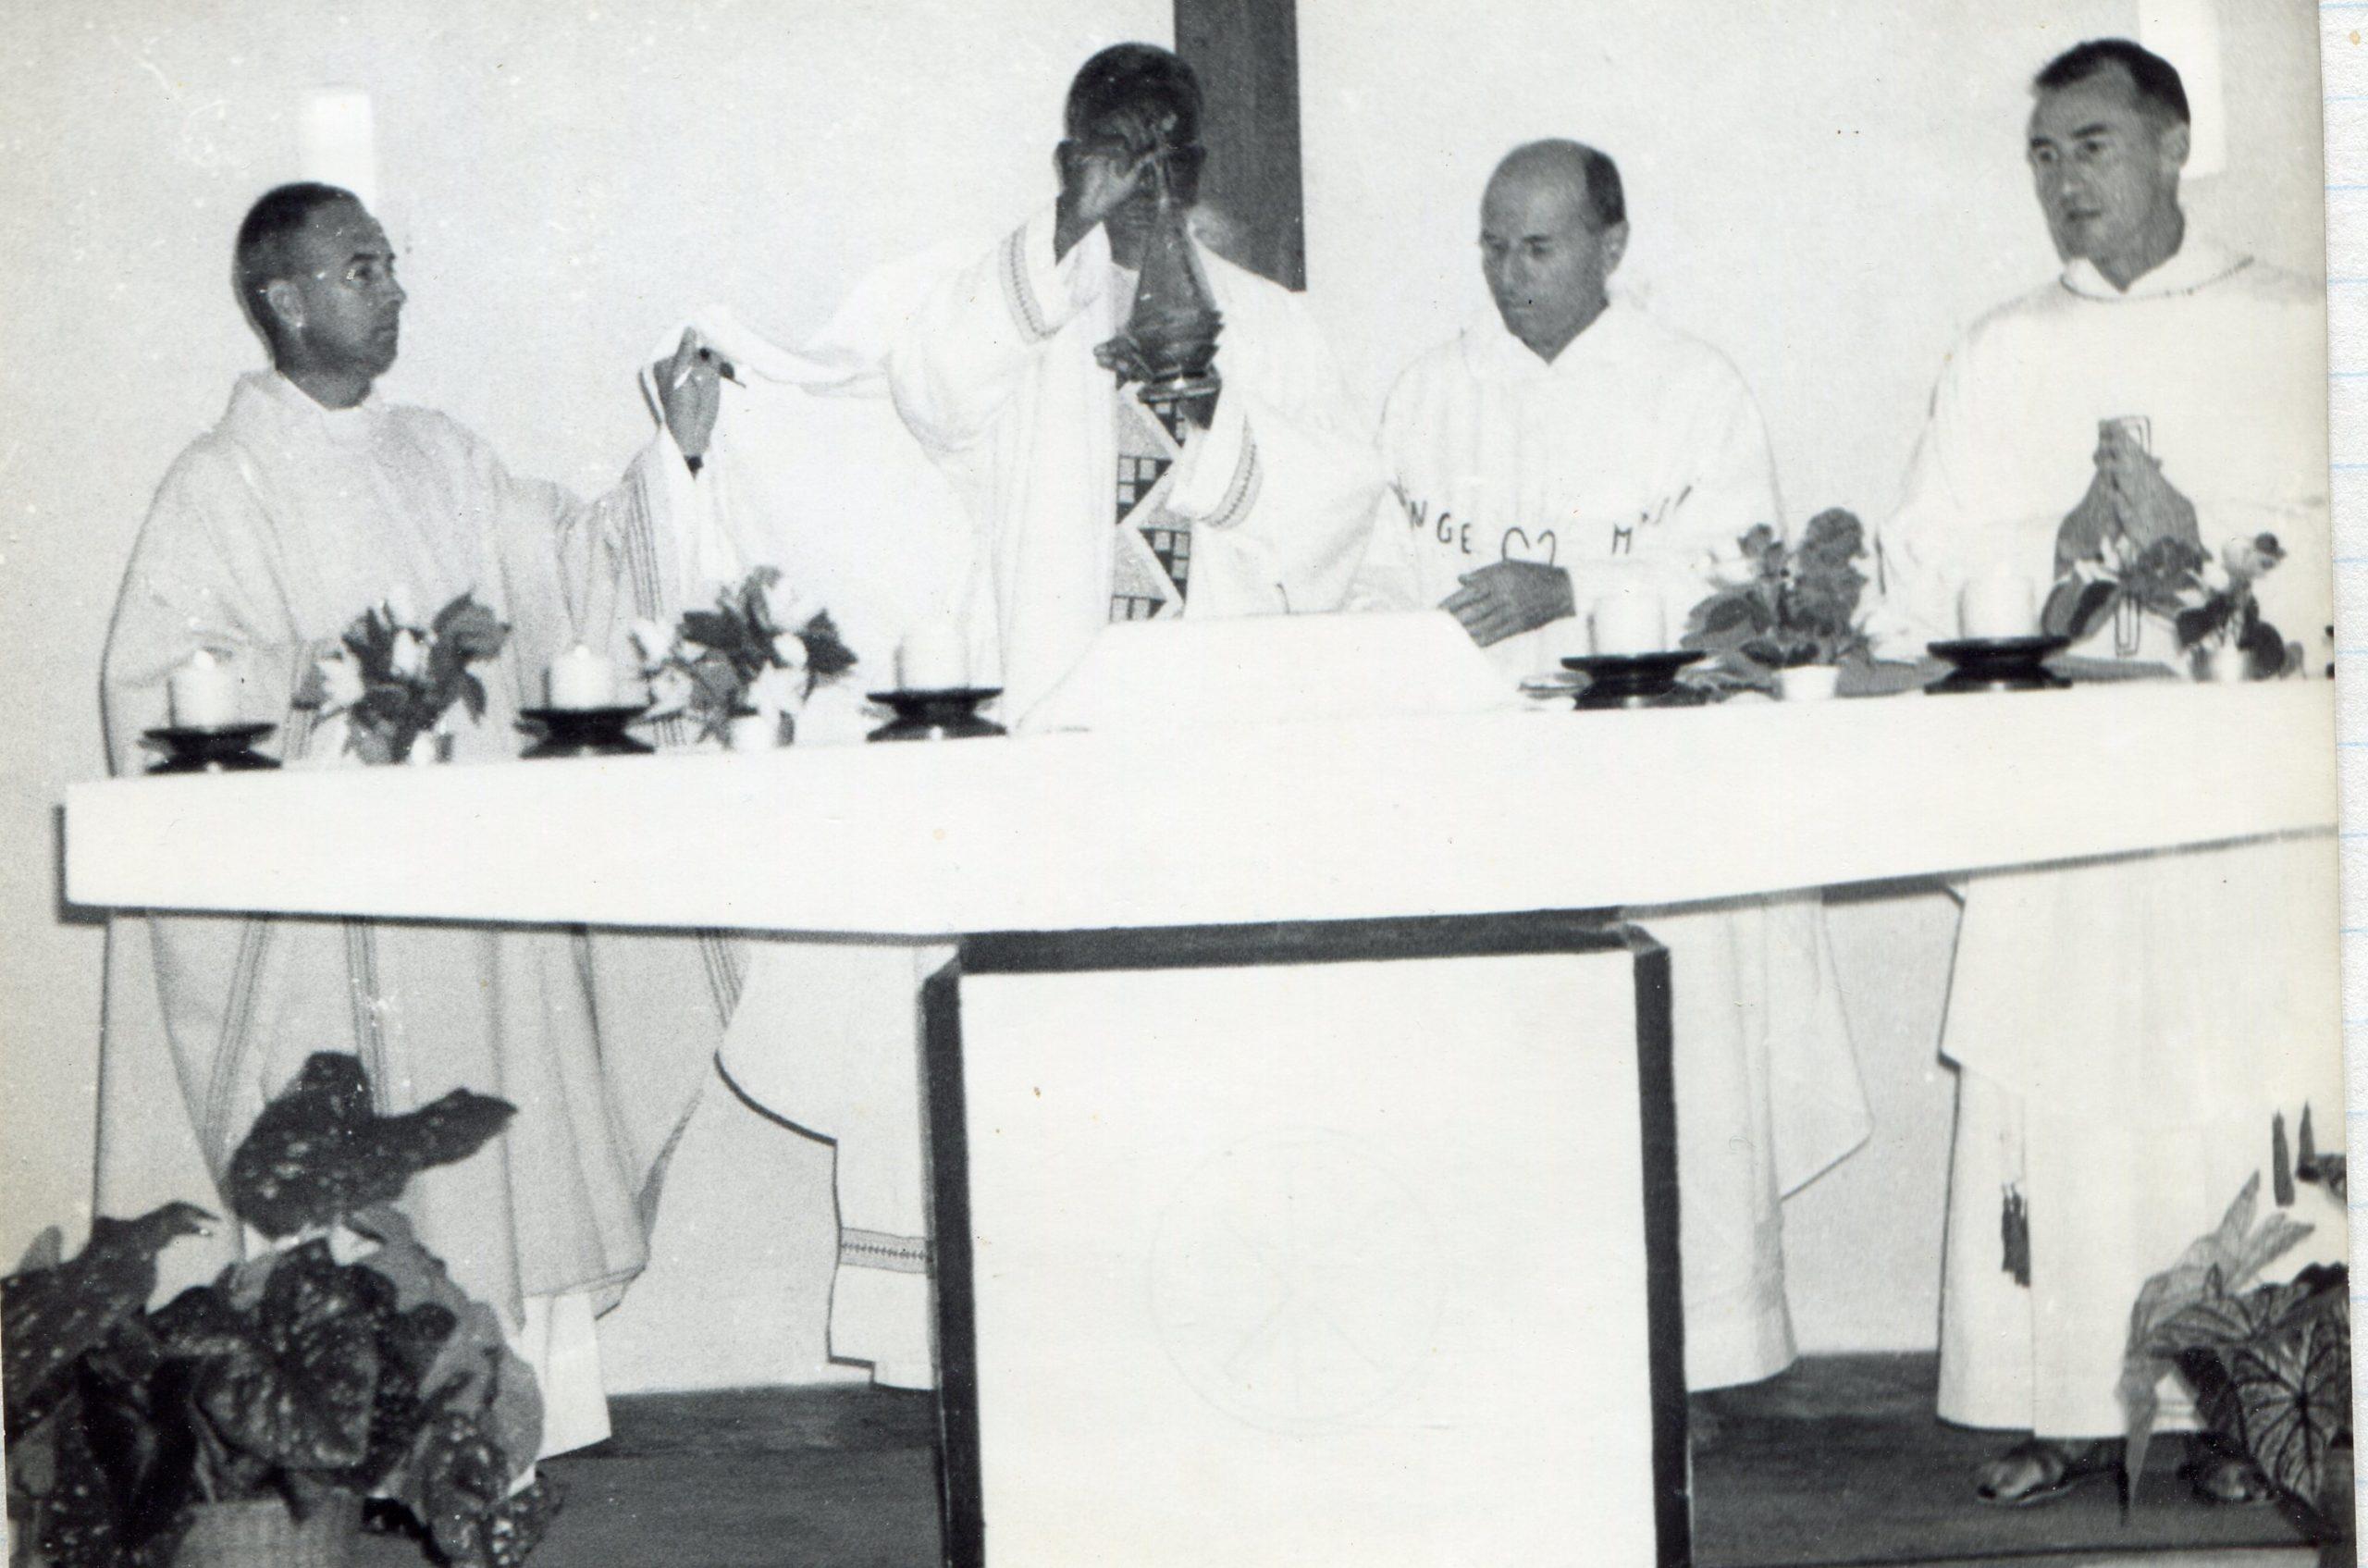 Père Rivain, Mgr Mongo, Père Crugnot et Père Jaccard